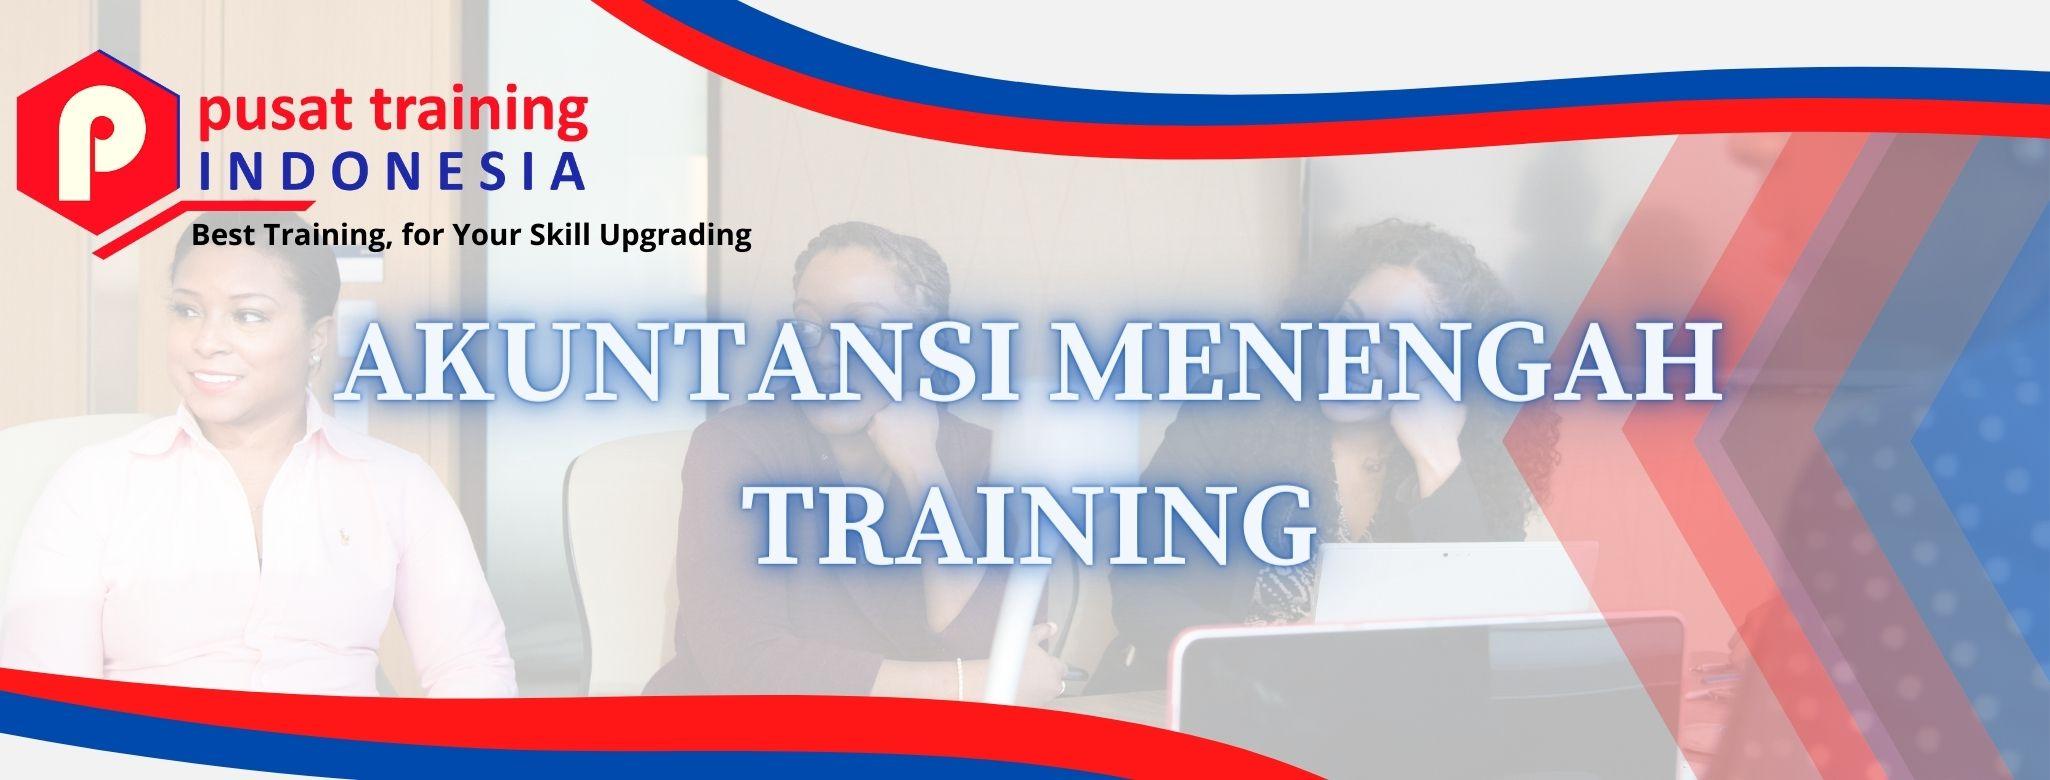 AKUNTANSI MENENGAH TRAINING